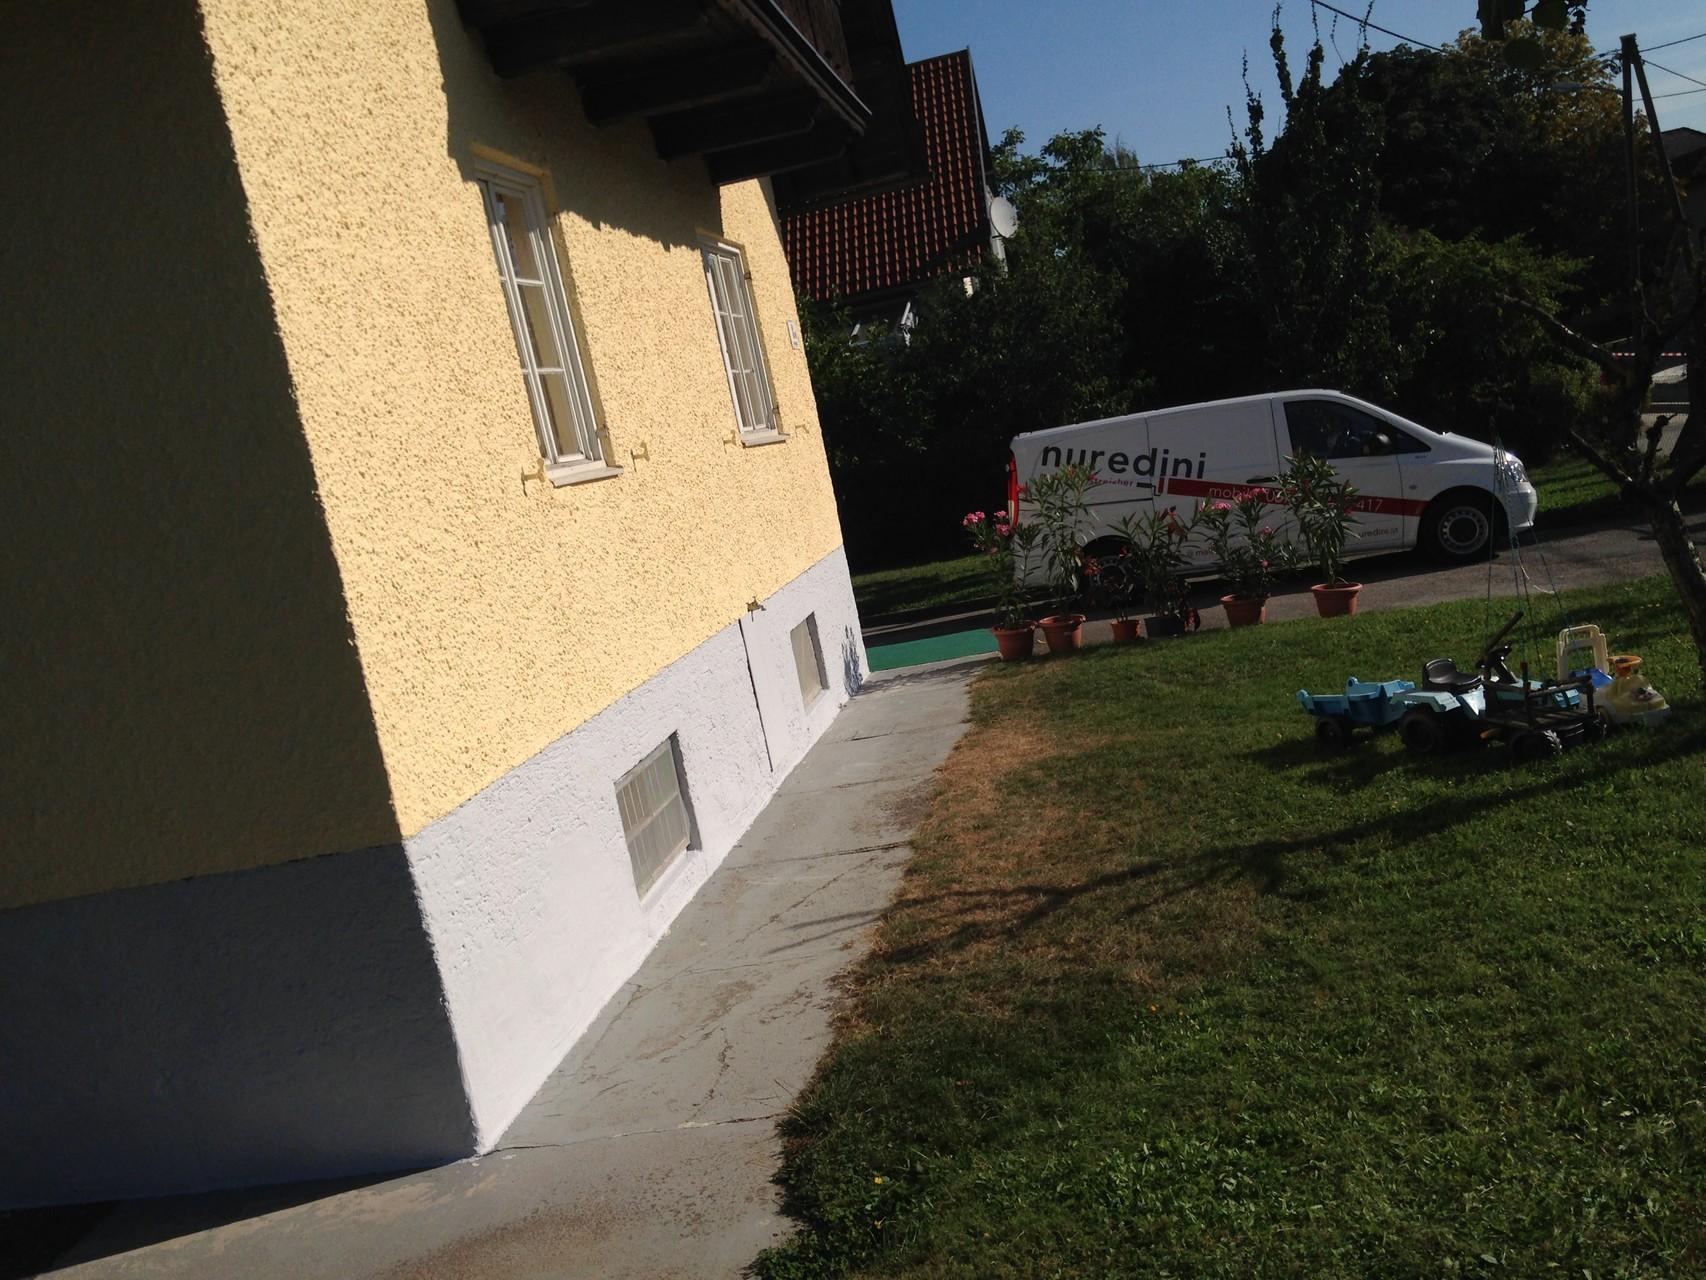 Aussen Fassade Malerei Nuredinis Webseite